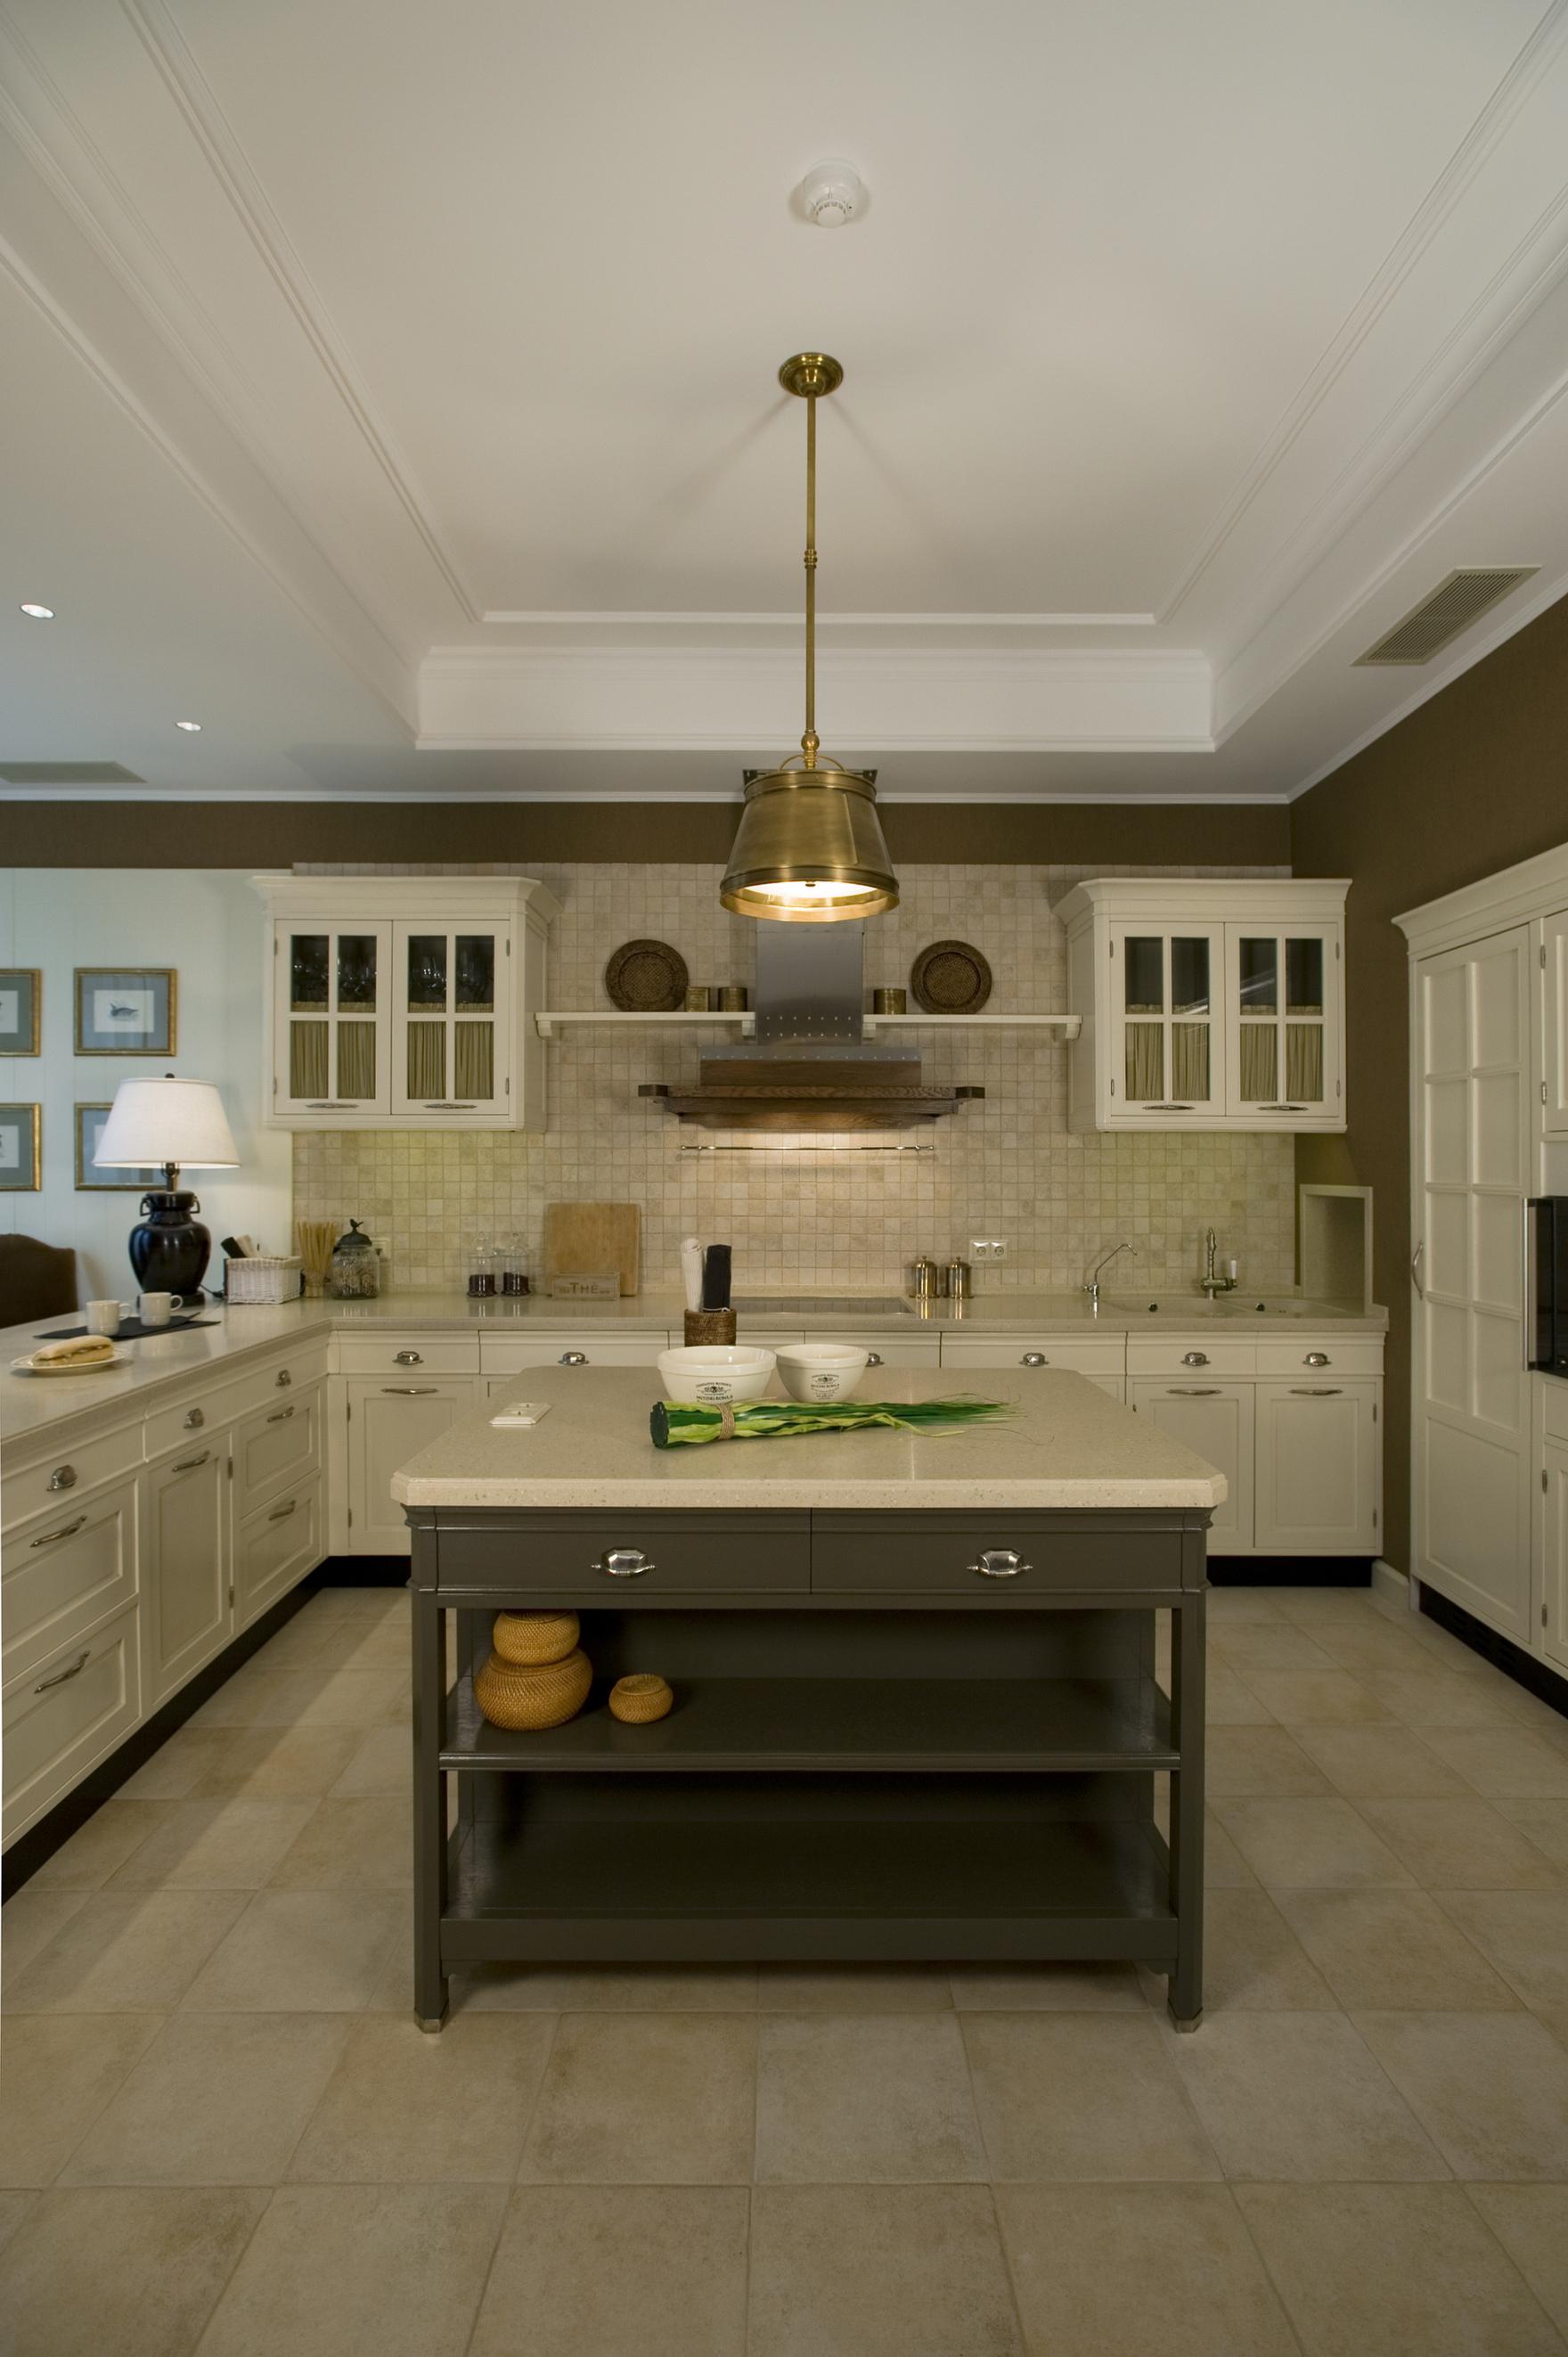 Фото № 40061 кухня  Загородный дом